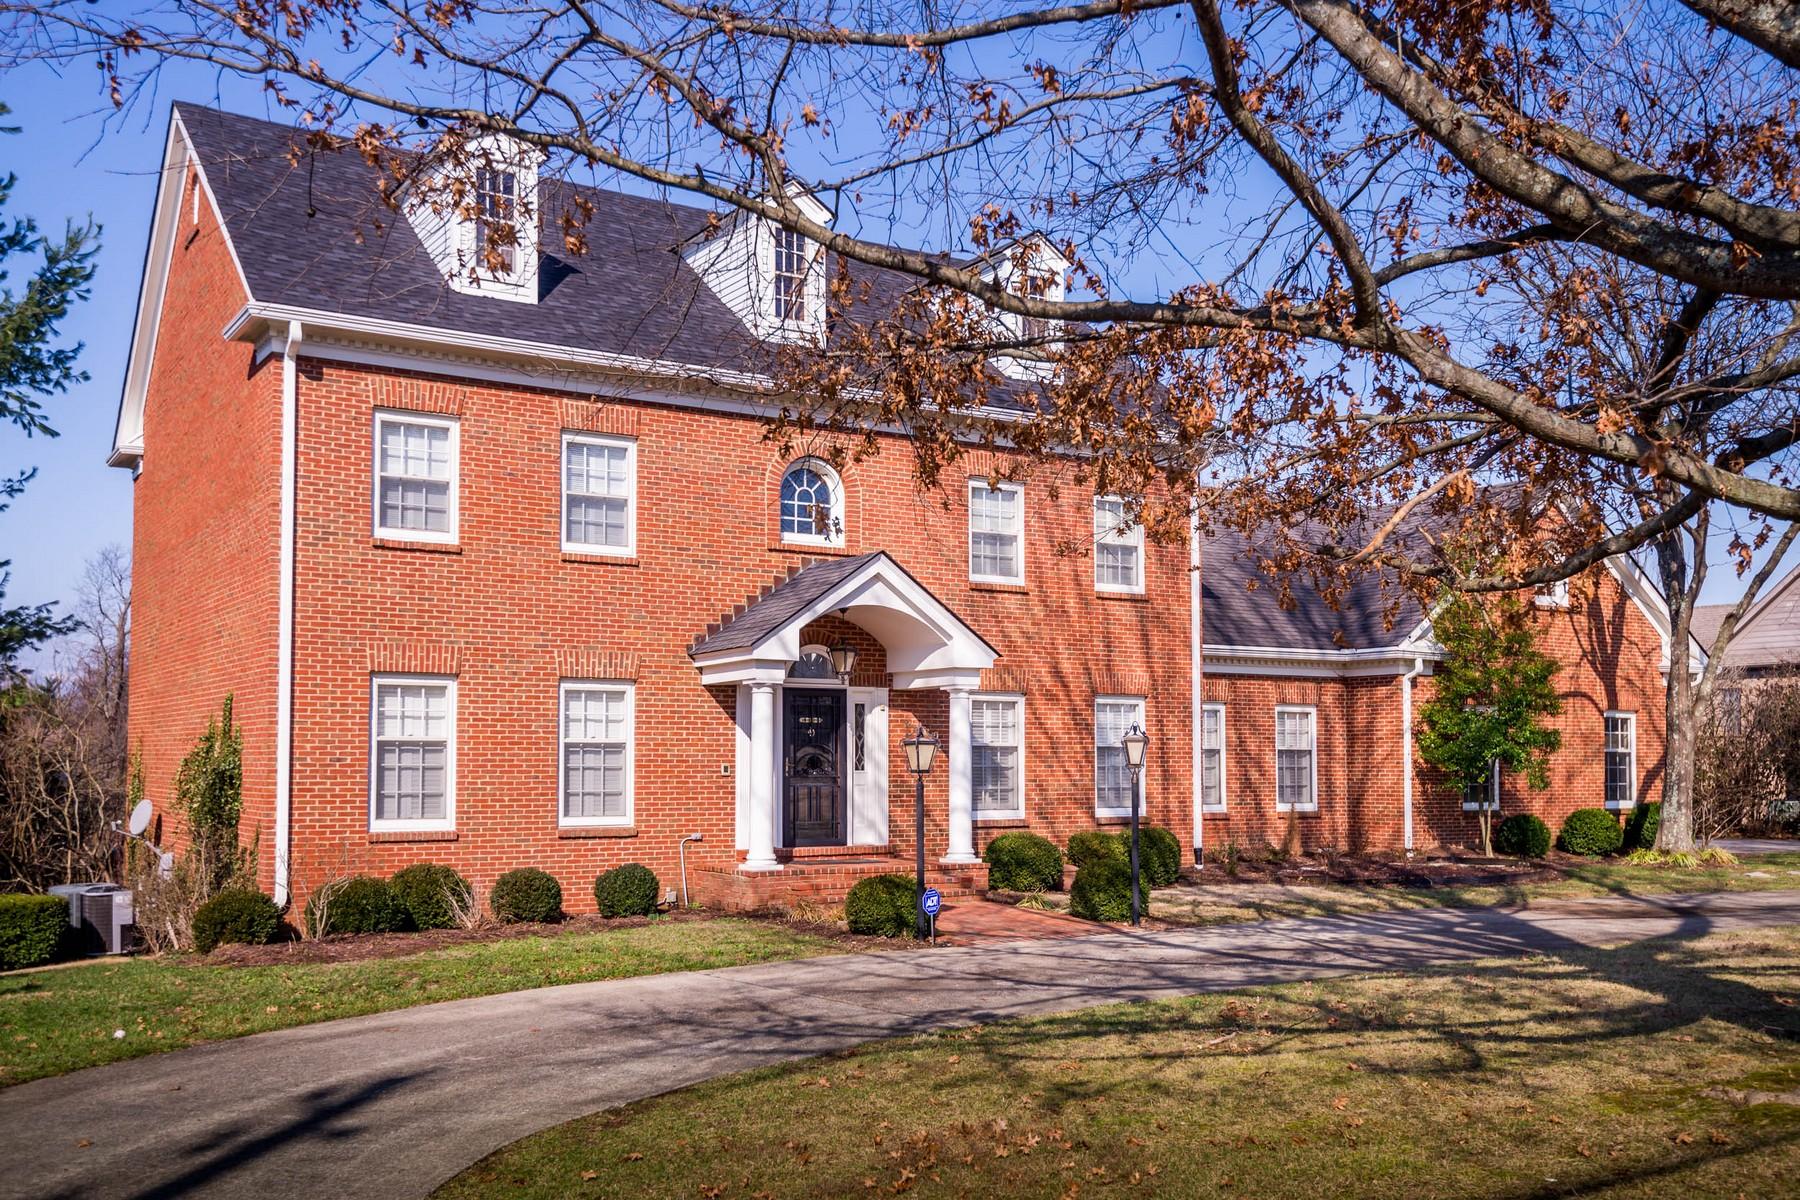 一戸建て のために 売買 アット 2460 Walnut Grove Lane Lexington, ケンタッキー, 40509 アメリカ合衆国